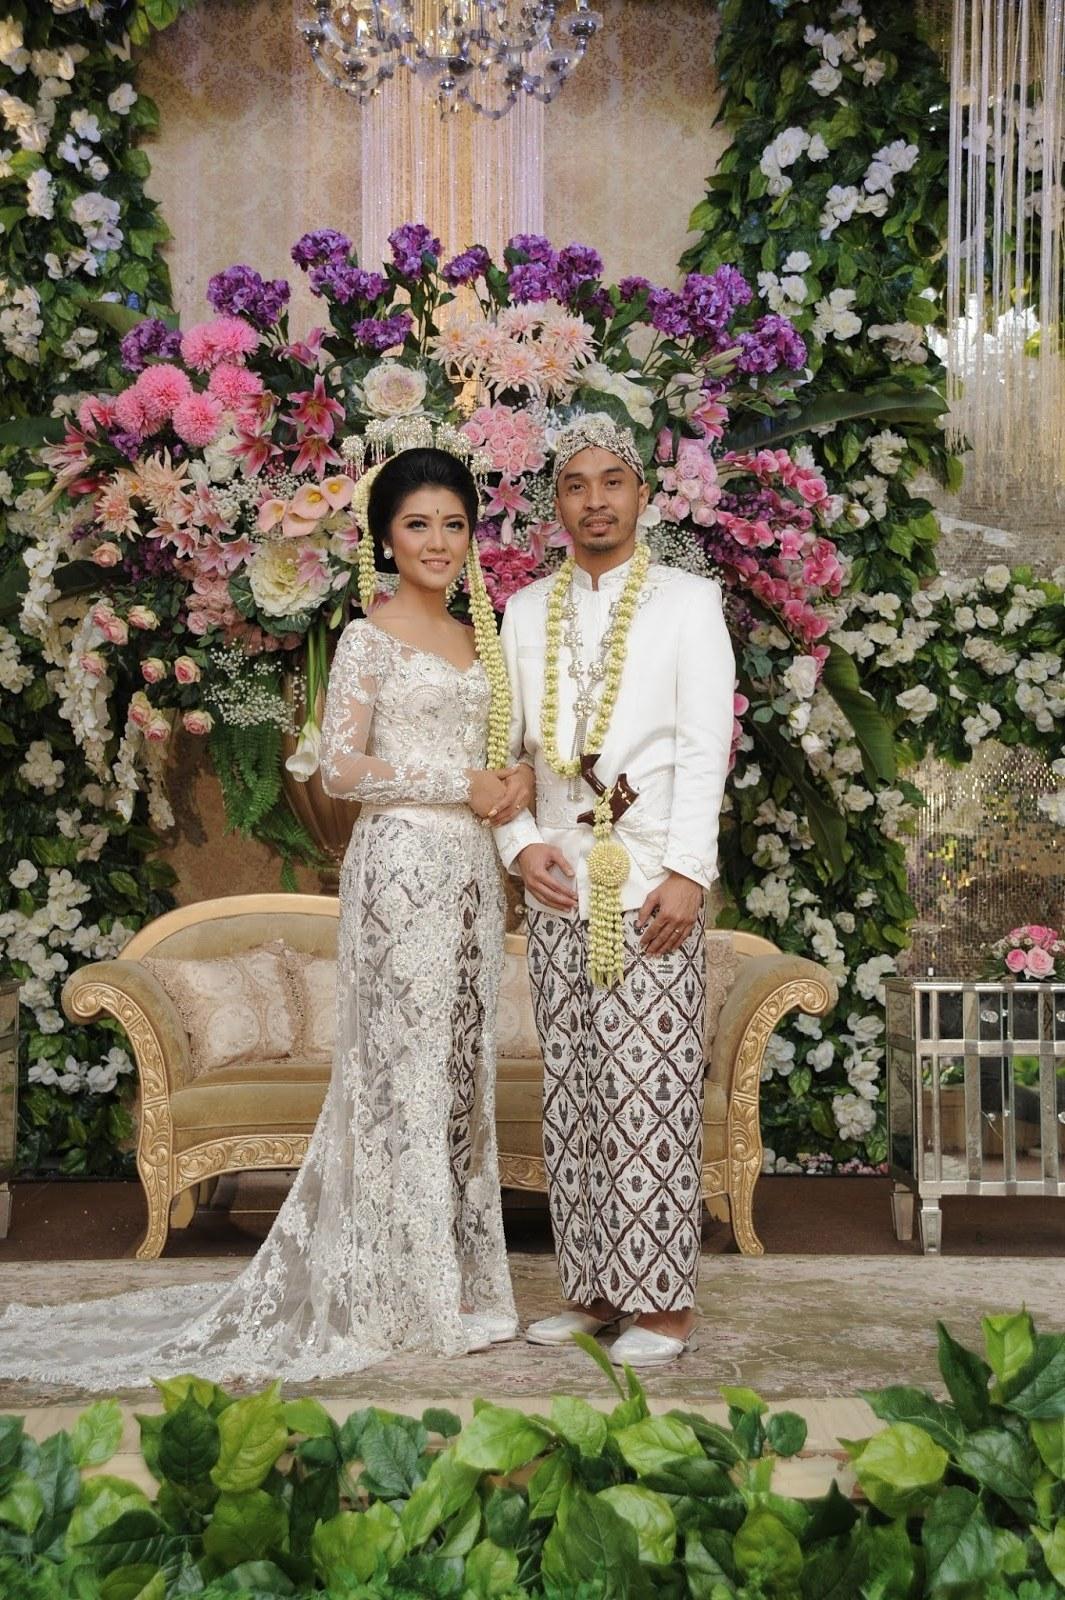 Model Harga Sewa Baju Pengantin Muslimah Ipdd Vendor Kebaya Pernikahan Pengantin by Raden Anisa Brides